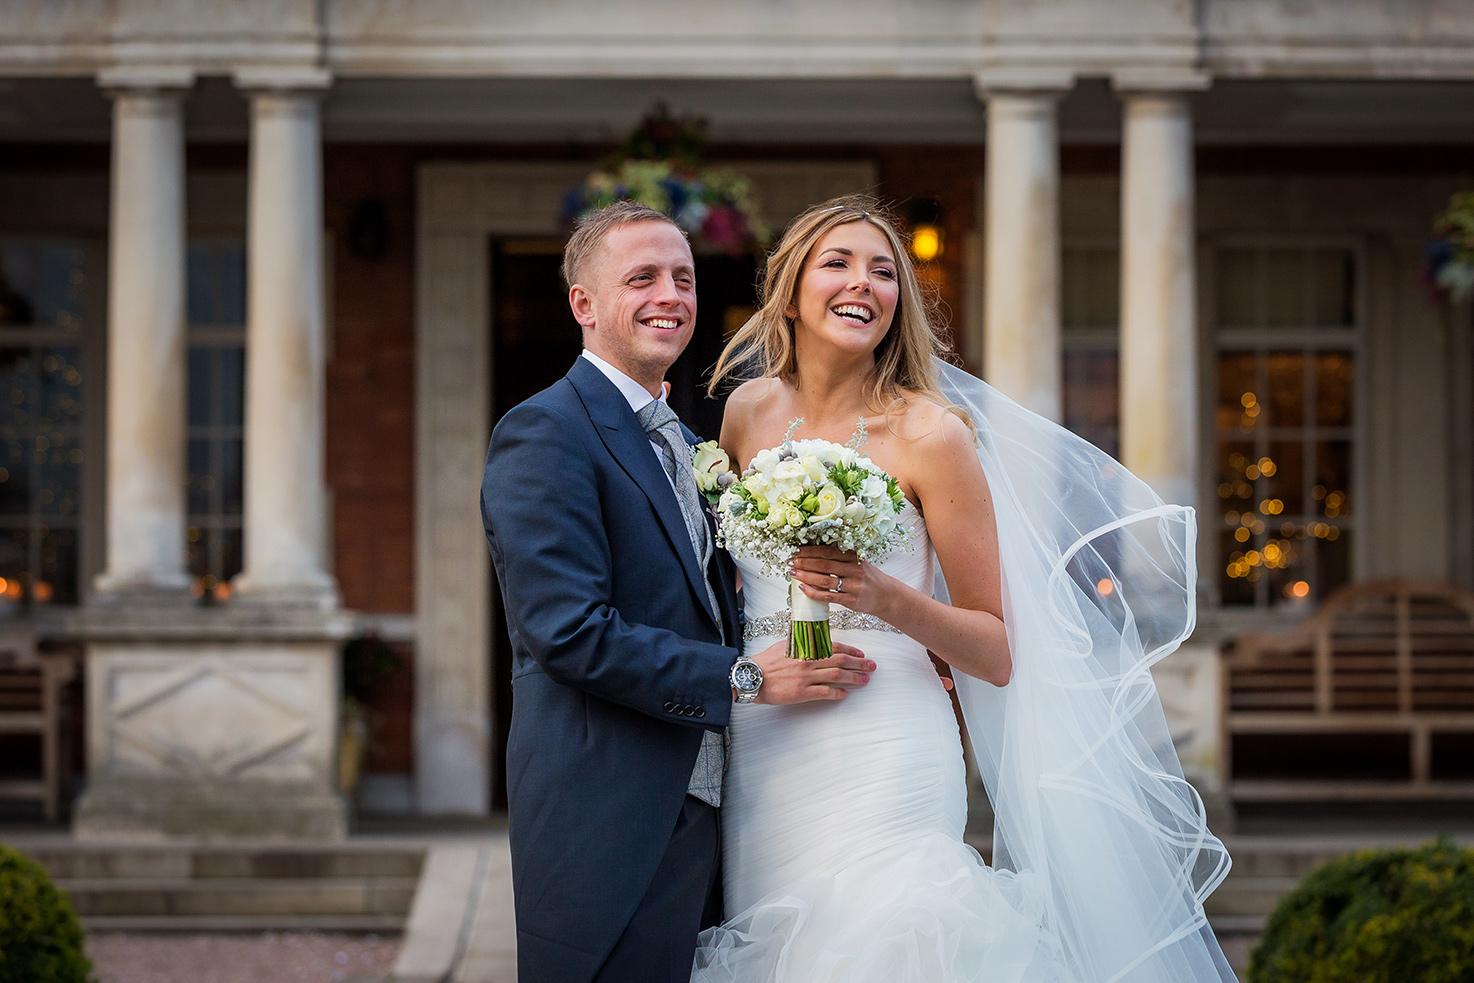 Lauren & Simeon's Eaves Hall Wedding